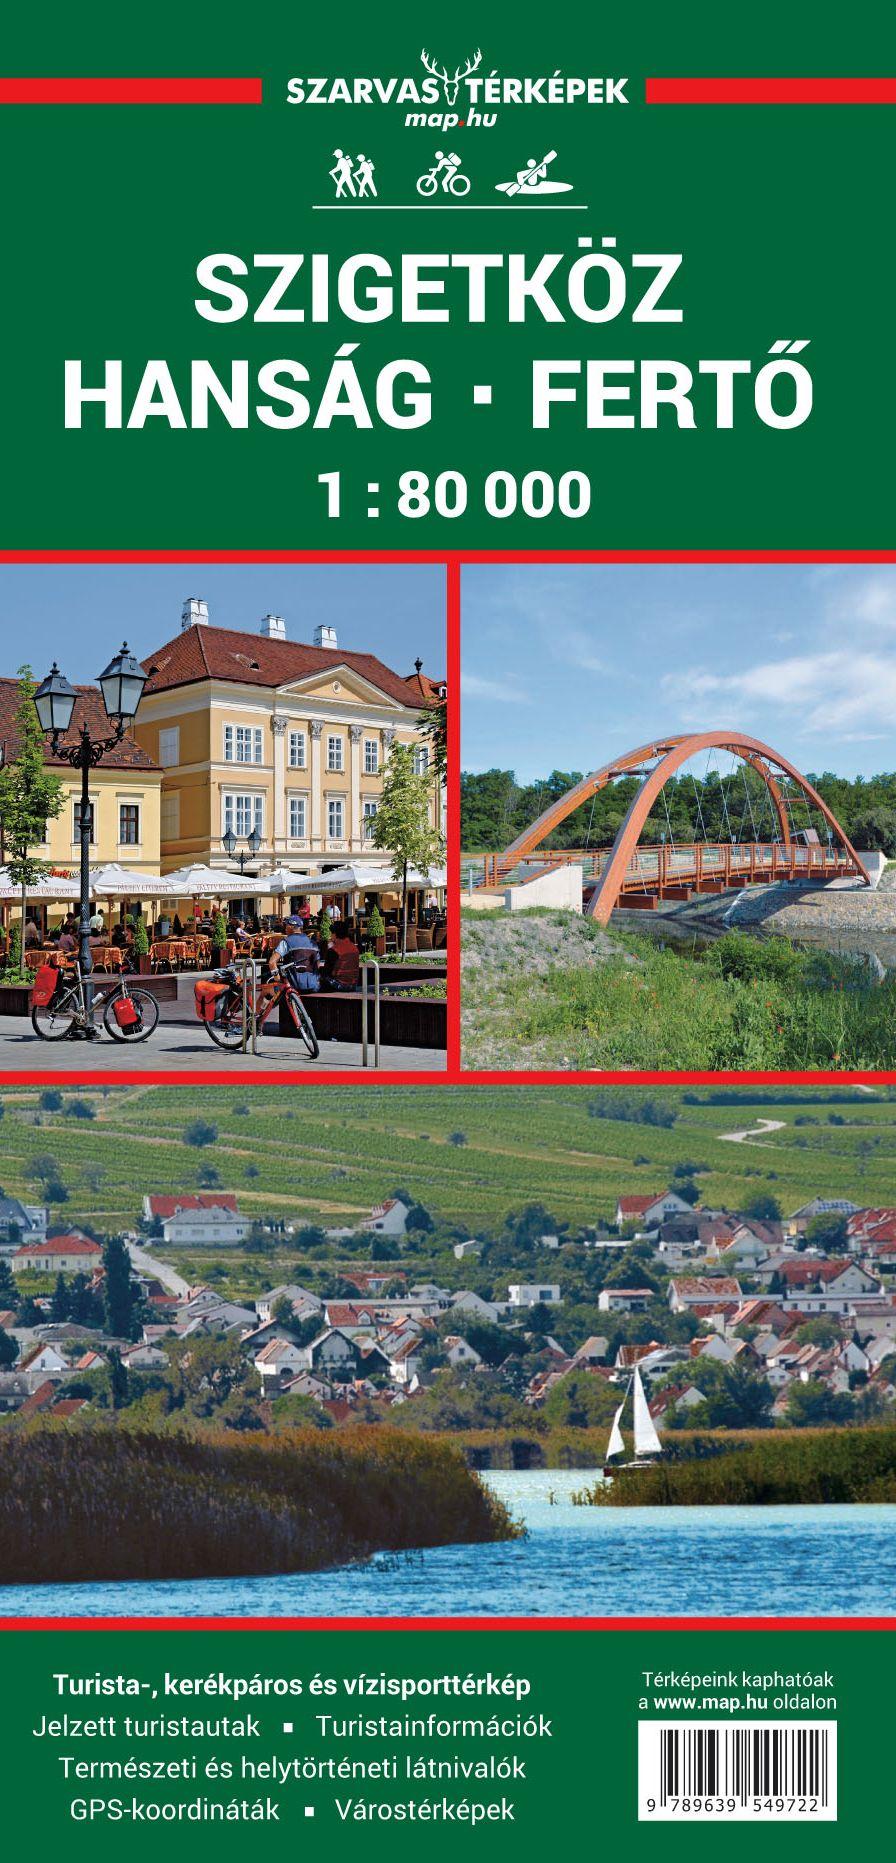 Turista-, biciklis- és vizisporttérkép Pozsony, Győr, Mosonmagyaróvár, Hédervár, Lipót, Kapuvár és Csorna melléktérképpel Infók a Szigetközről: http://szigetkoz.lap.hu/